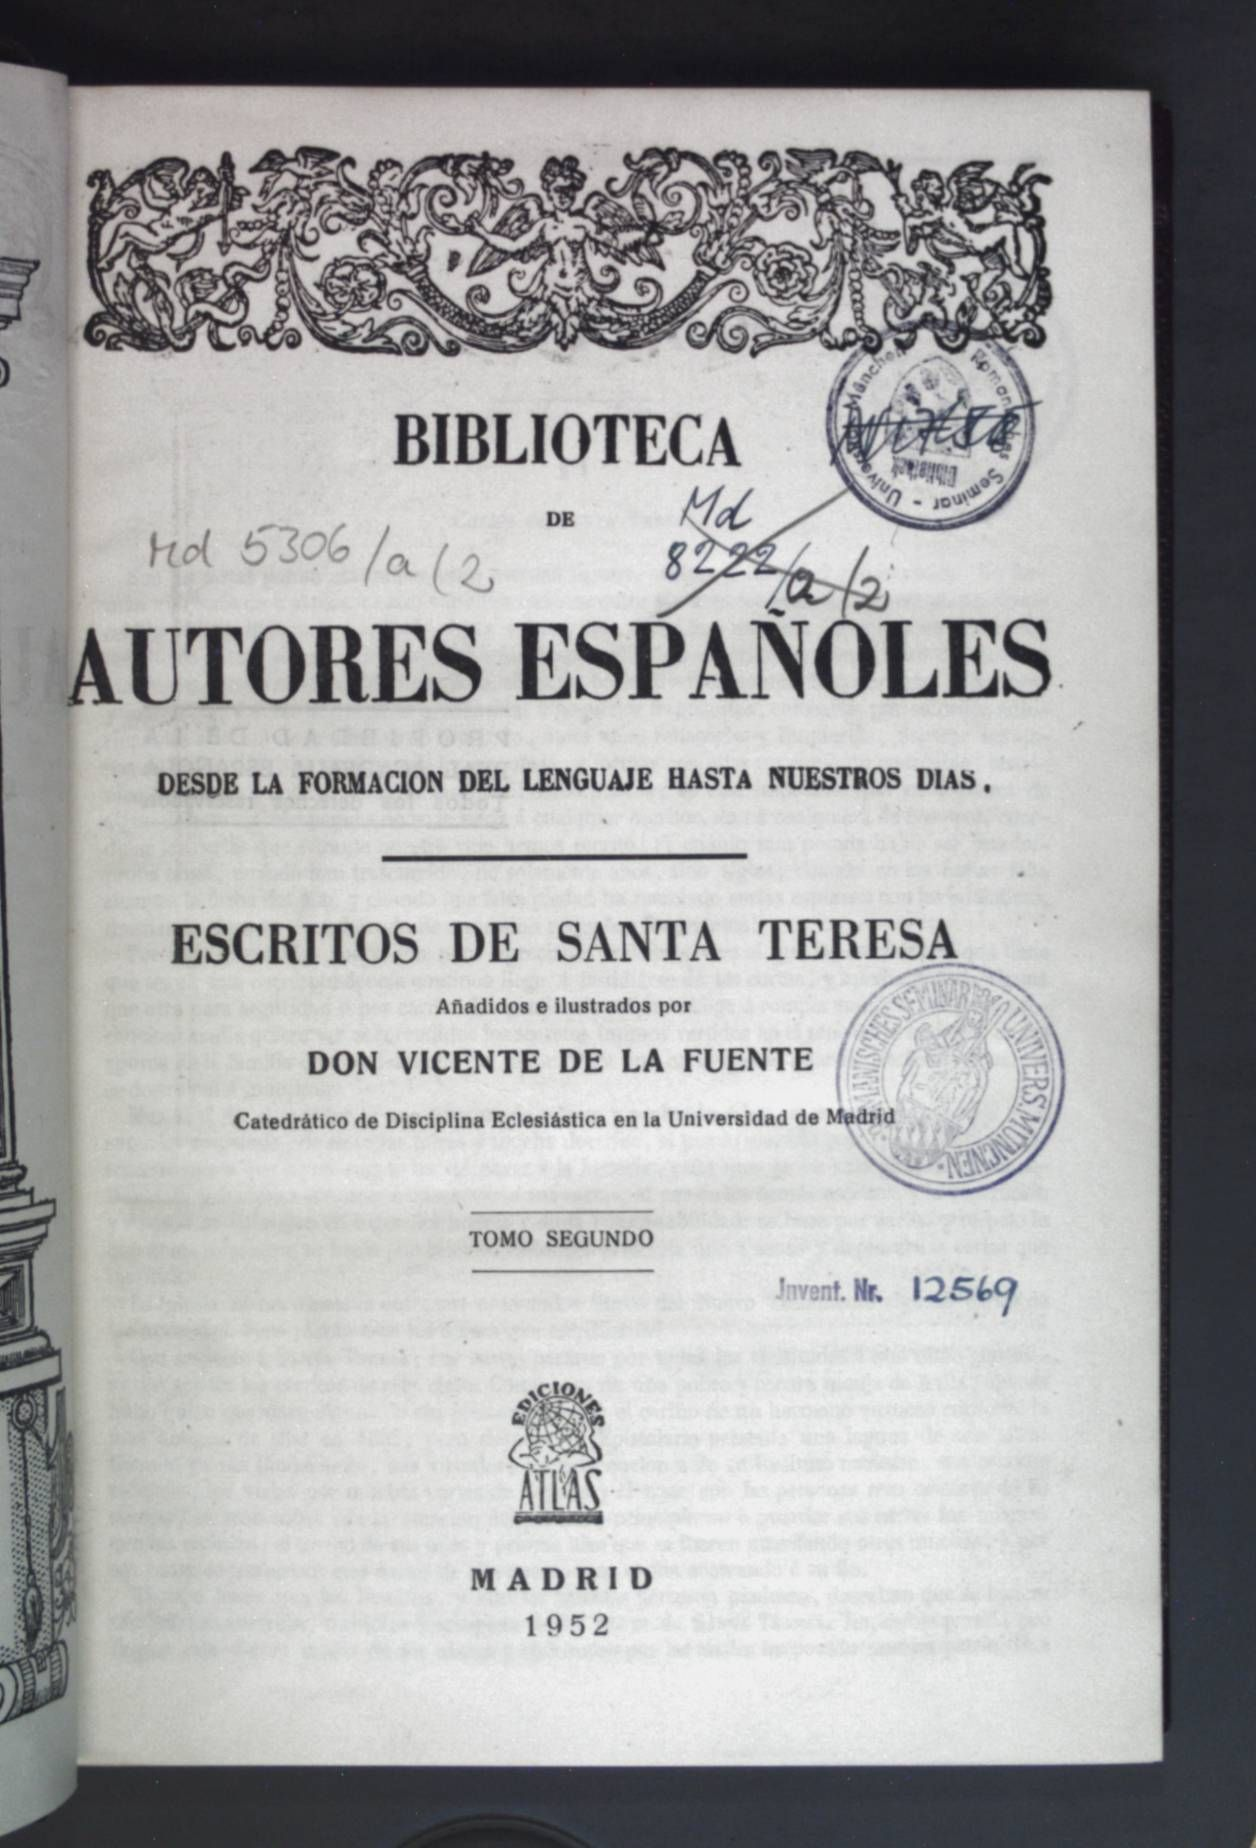 Biblioteca de Autores Espanoles - Desde la Formacion del Lenguaje Hasta nuestros dias: Tomo Segundo